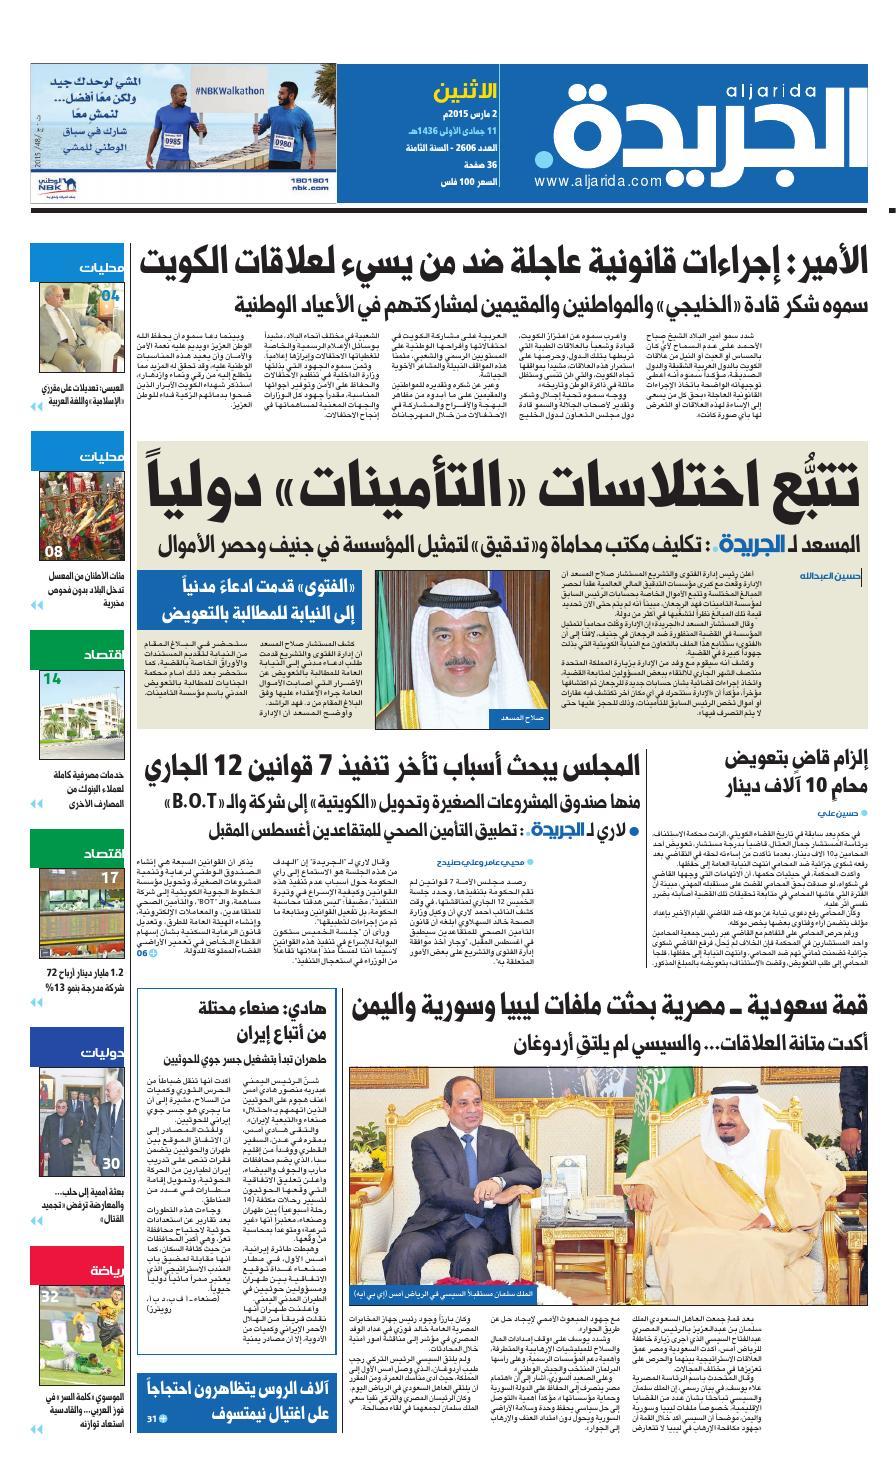 7e661fc7db0d4 عدد الجريدة 2 مارس 2015 by Aljarida Newspaper - issuu